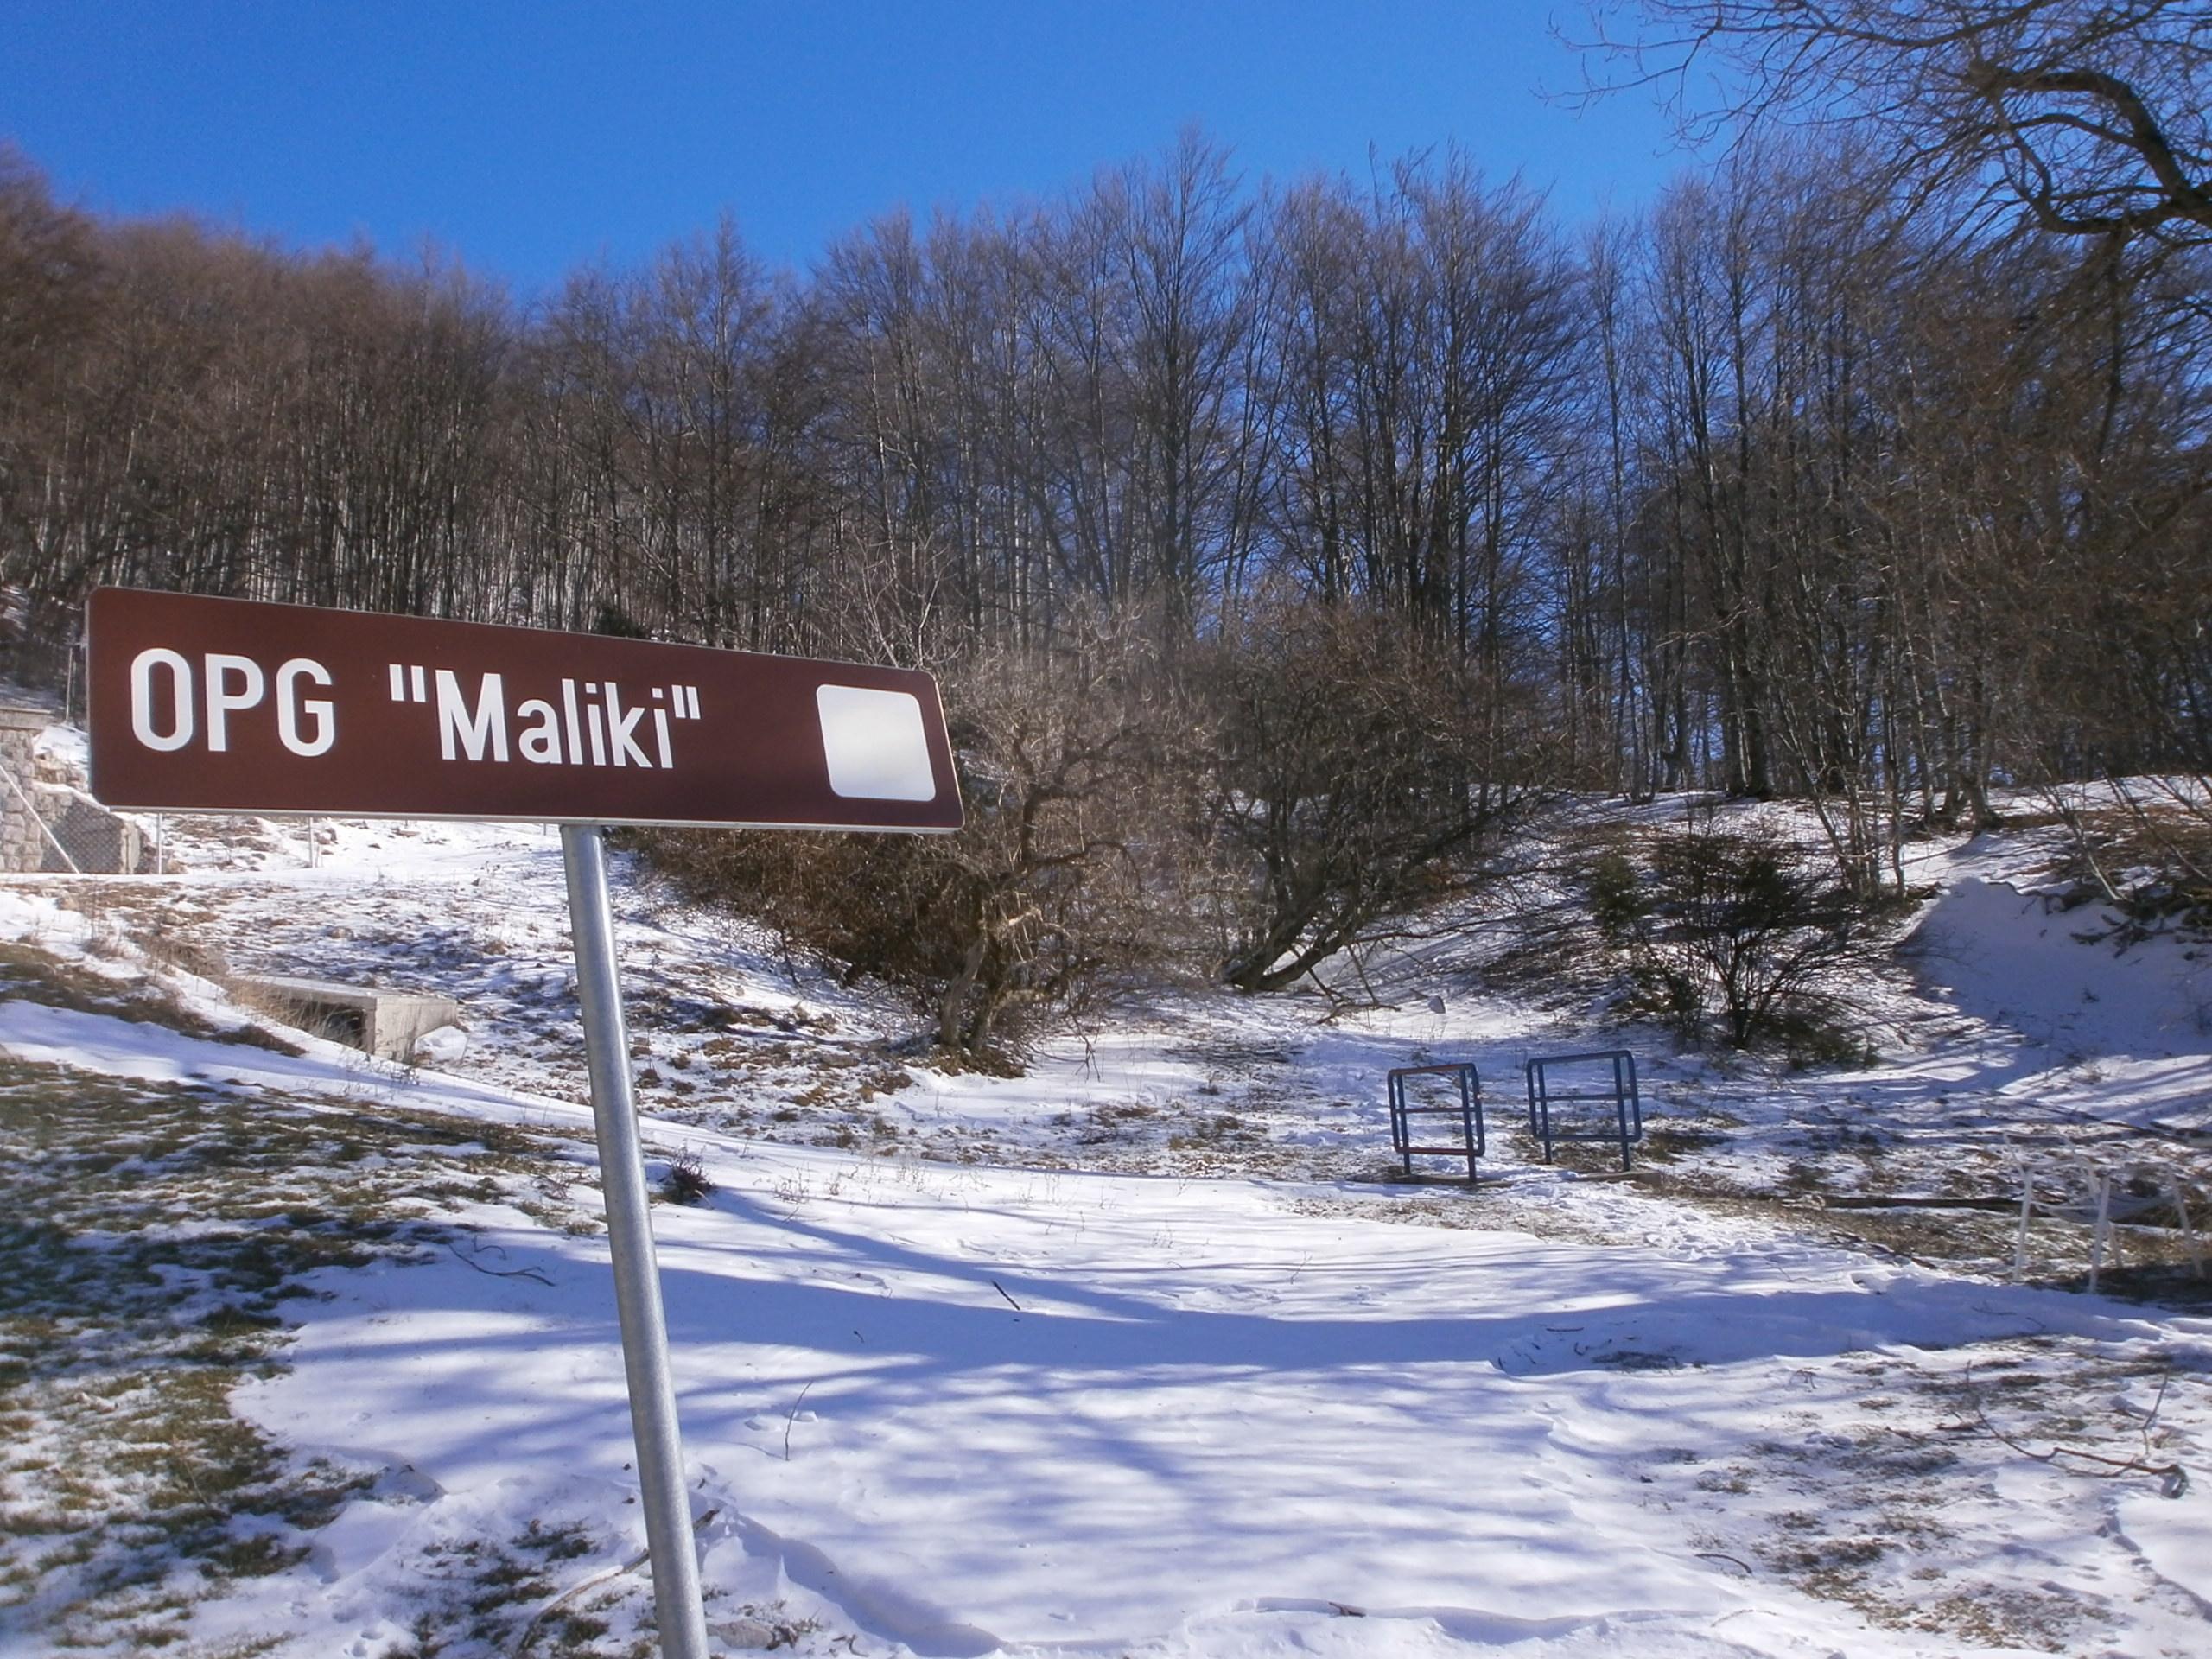 OPG Maliki